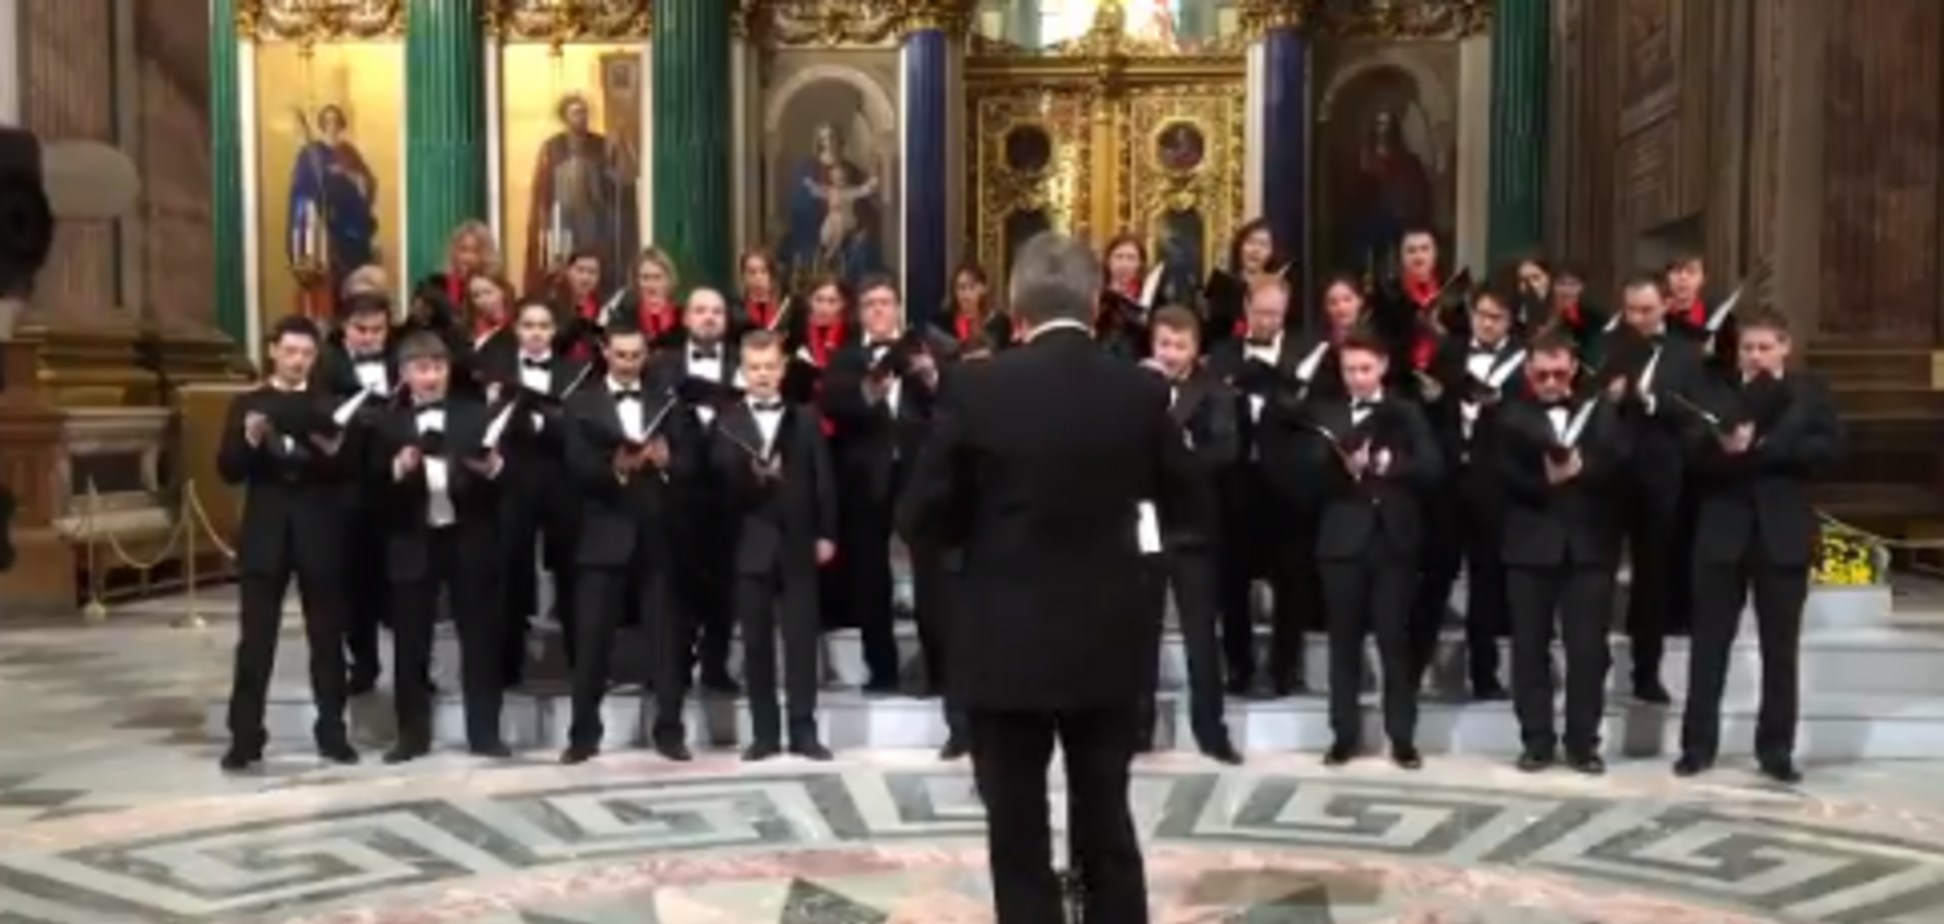 'Иначе спели бы солдаты НАТО!' В соборе России исполнили песню о ядерной бомбежке США. Видеофакт